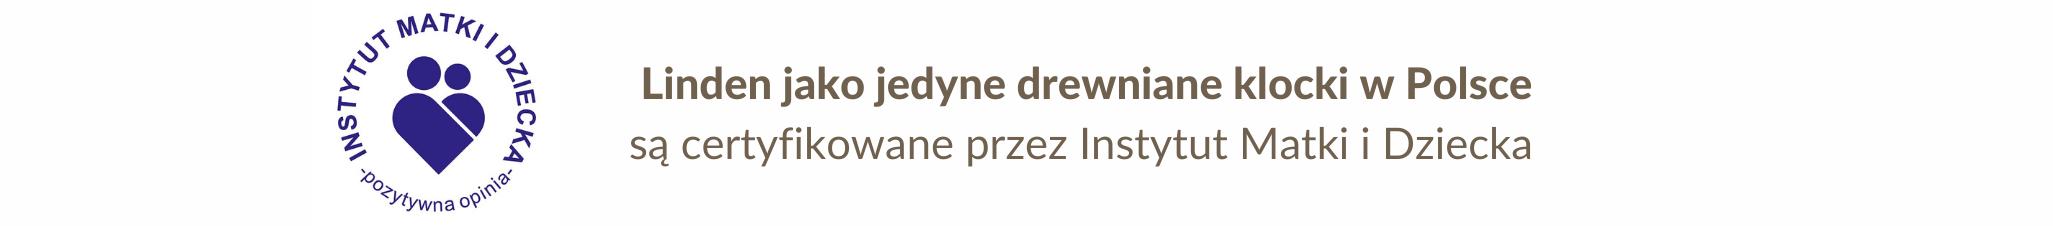 Linden jako jedyne drewniane klocki w Polsce są certyfikowane przez Instytut Matki i Dziecka (2)